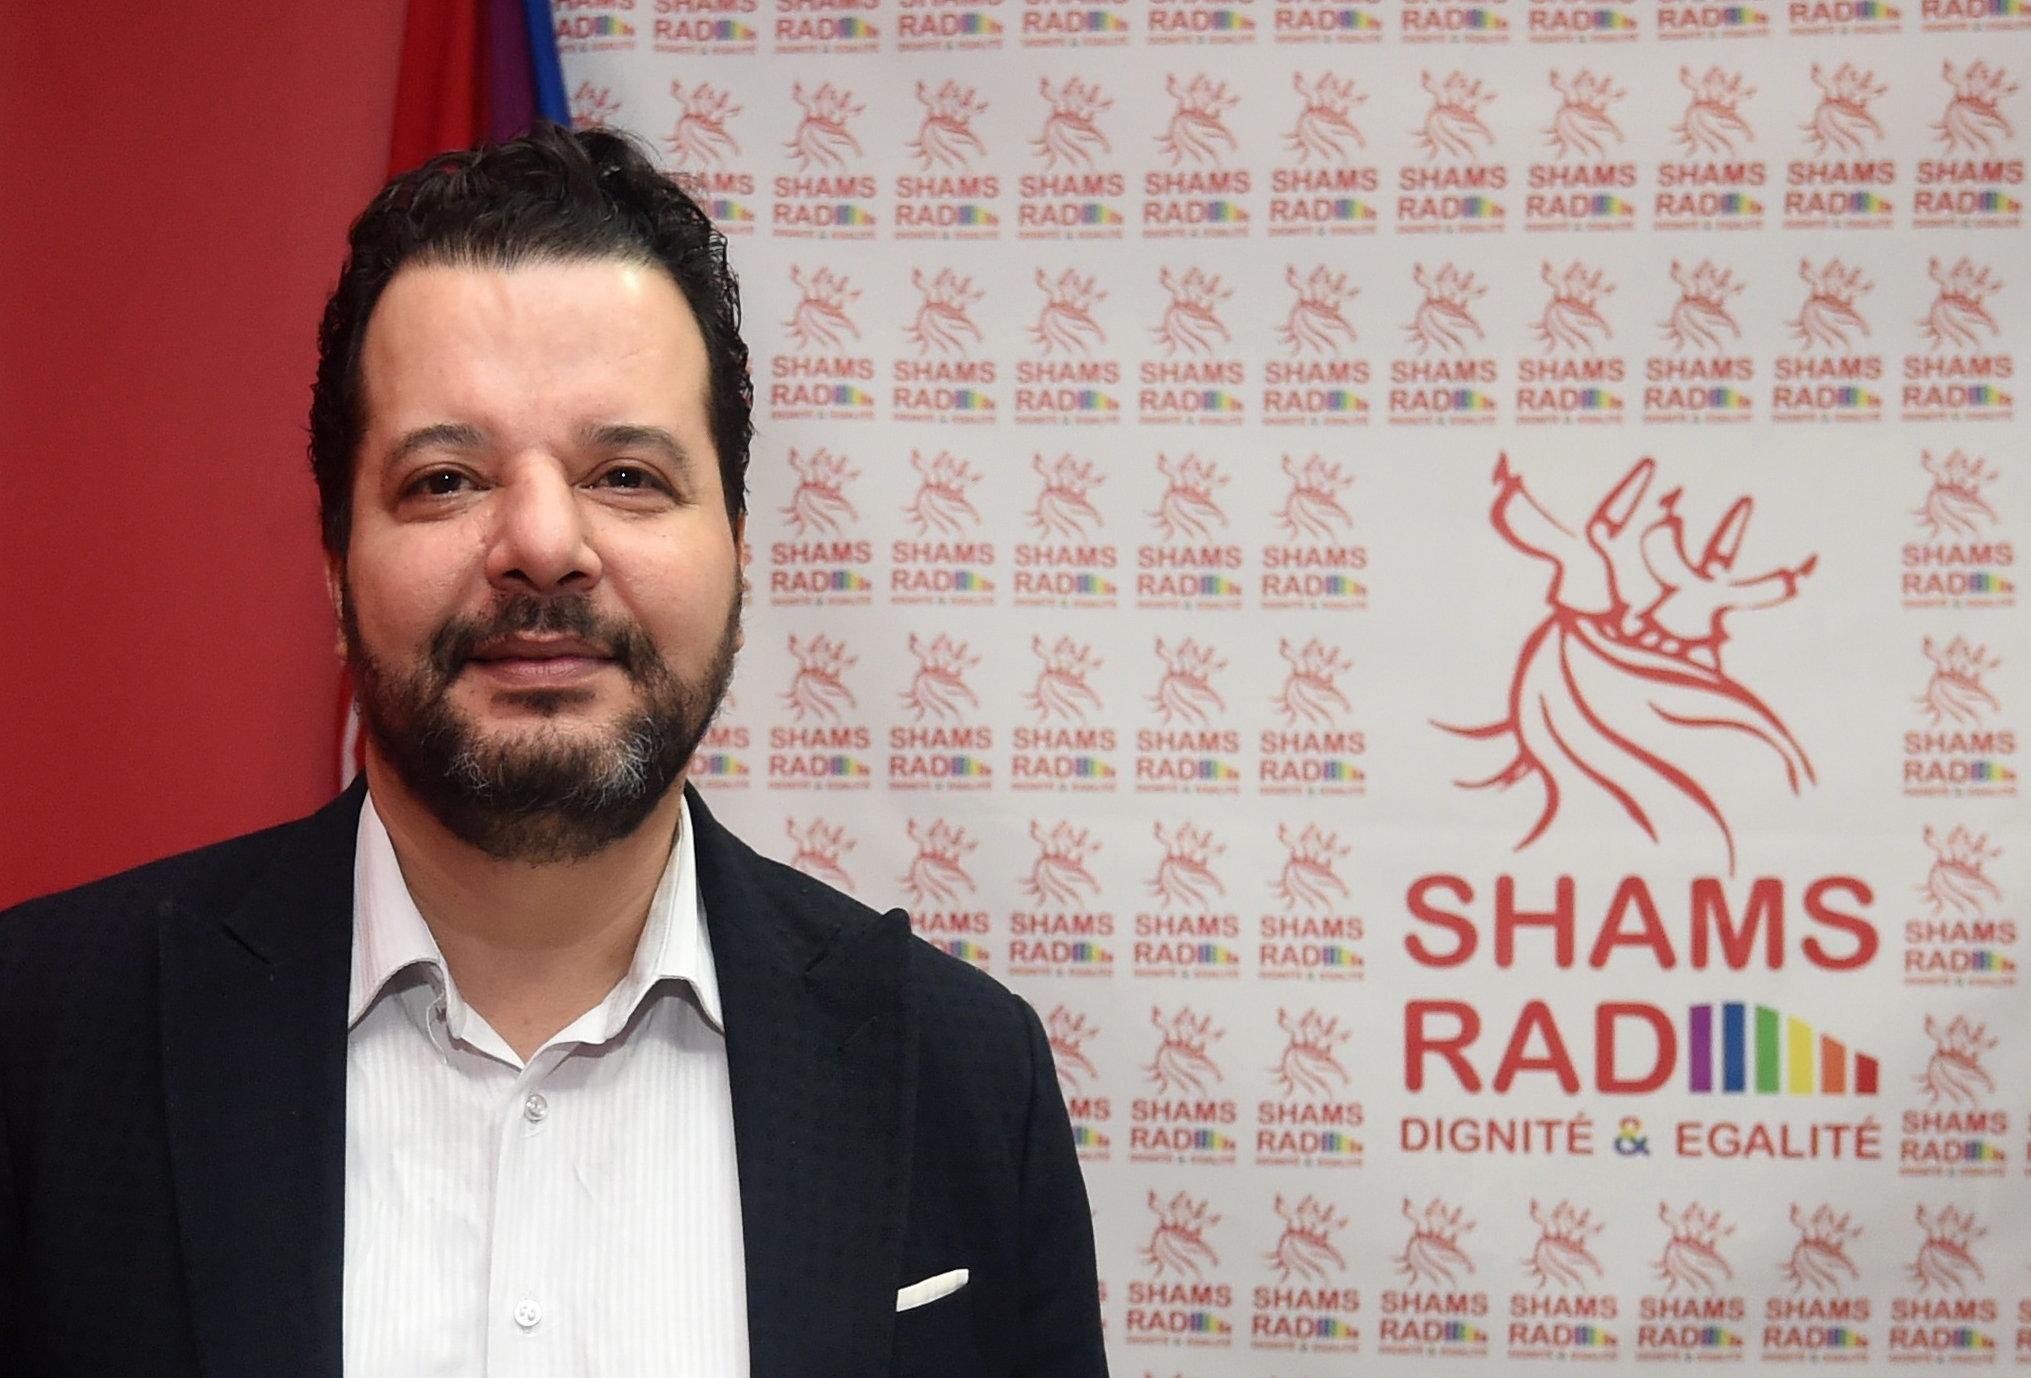 Shams, la principale association de lutte pour la dépénalisation de l'homosexualité en Tunisie, risque de voir ses jours